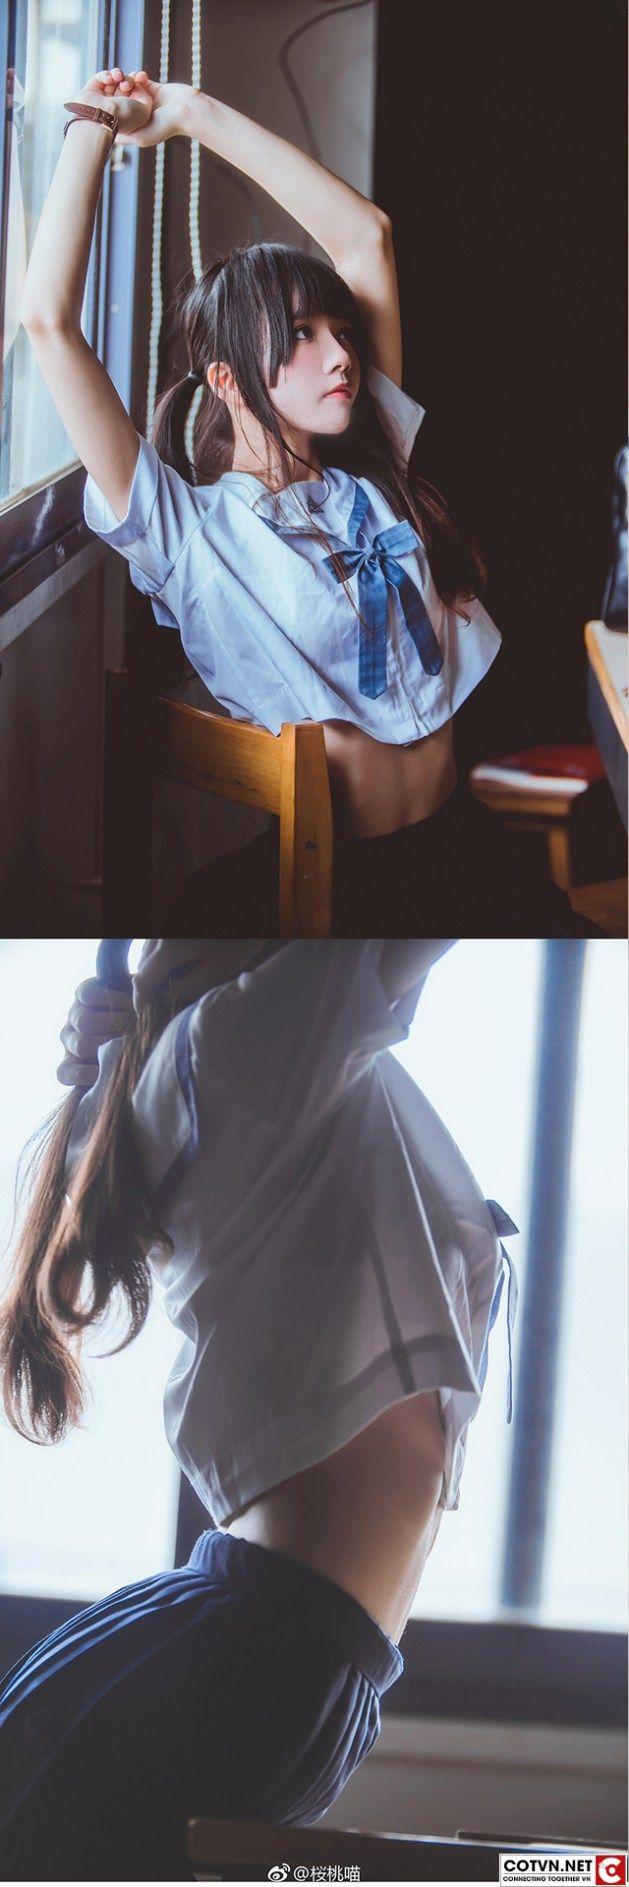 COTVN.NET - Cùng chiêm ngưỡng vẻ đẹp hớp hồn của bộ ảnh cosplay thiếu nữ hồn nhiên trong sáng ngay sau đây nhé.